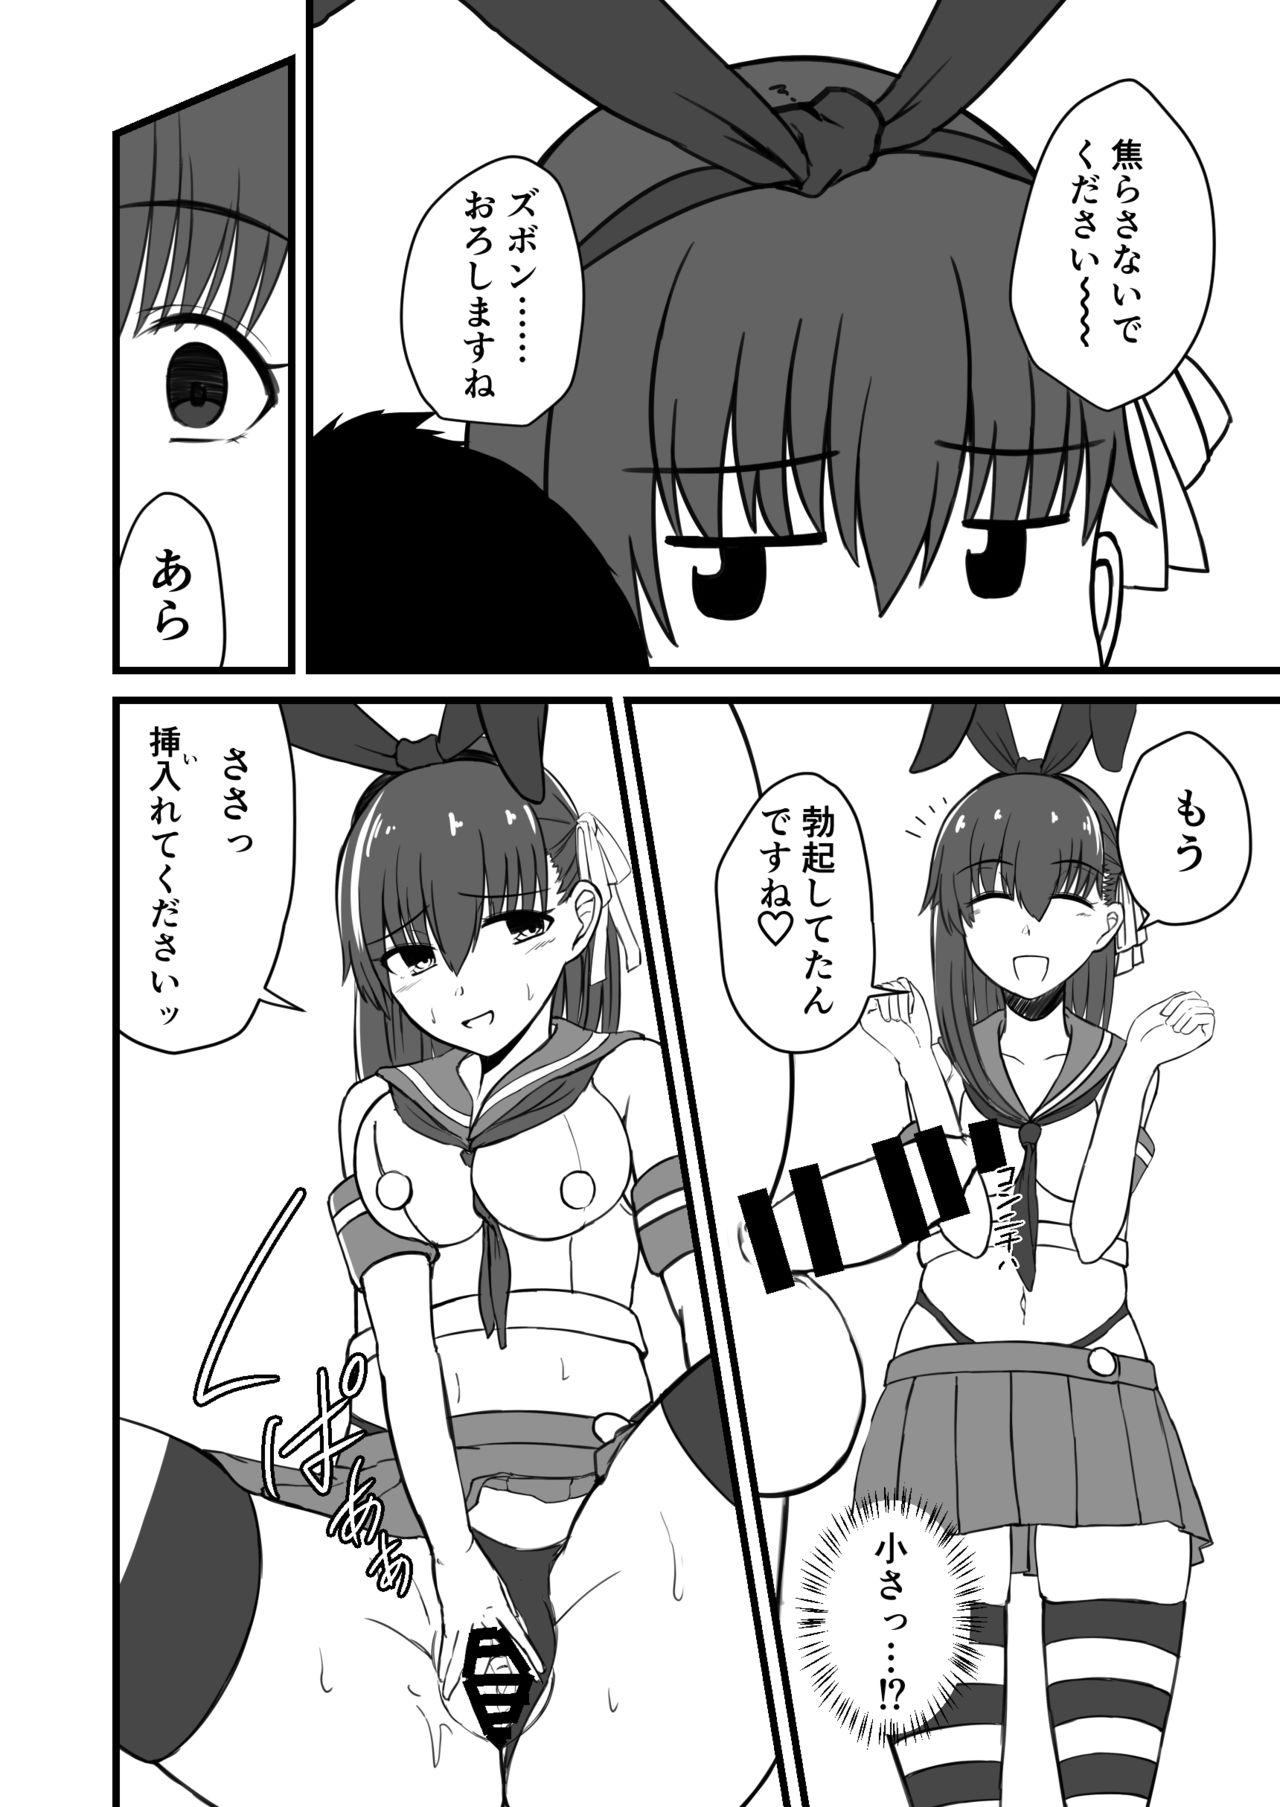 Sakura no Cos Hon 2